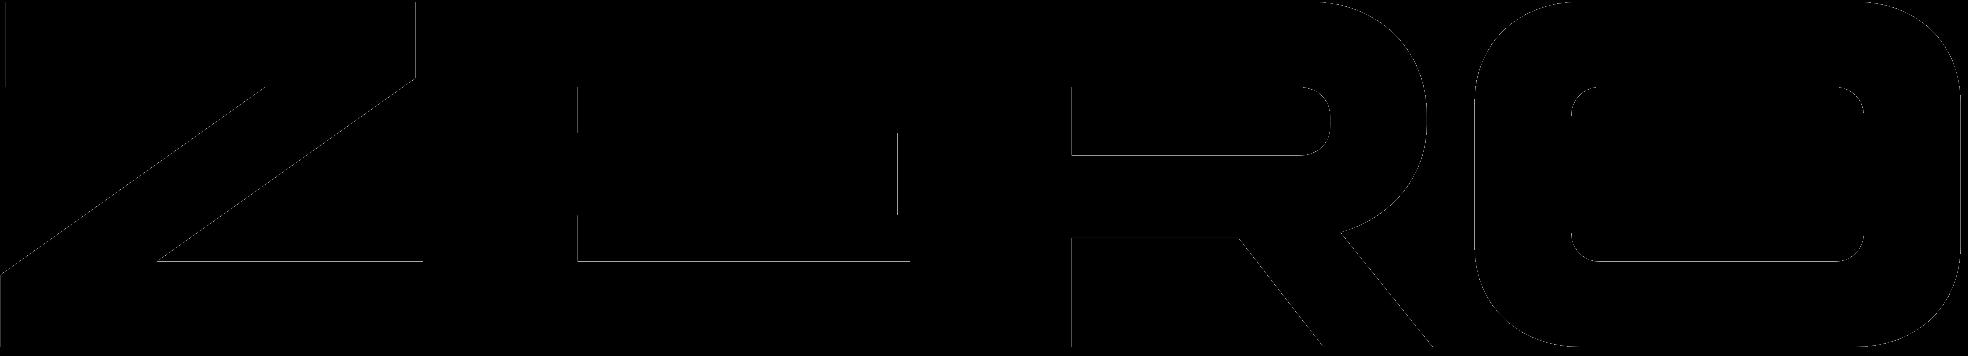 Zero (television channel)